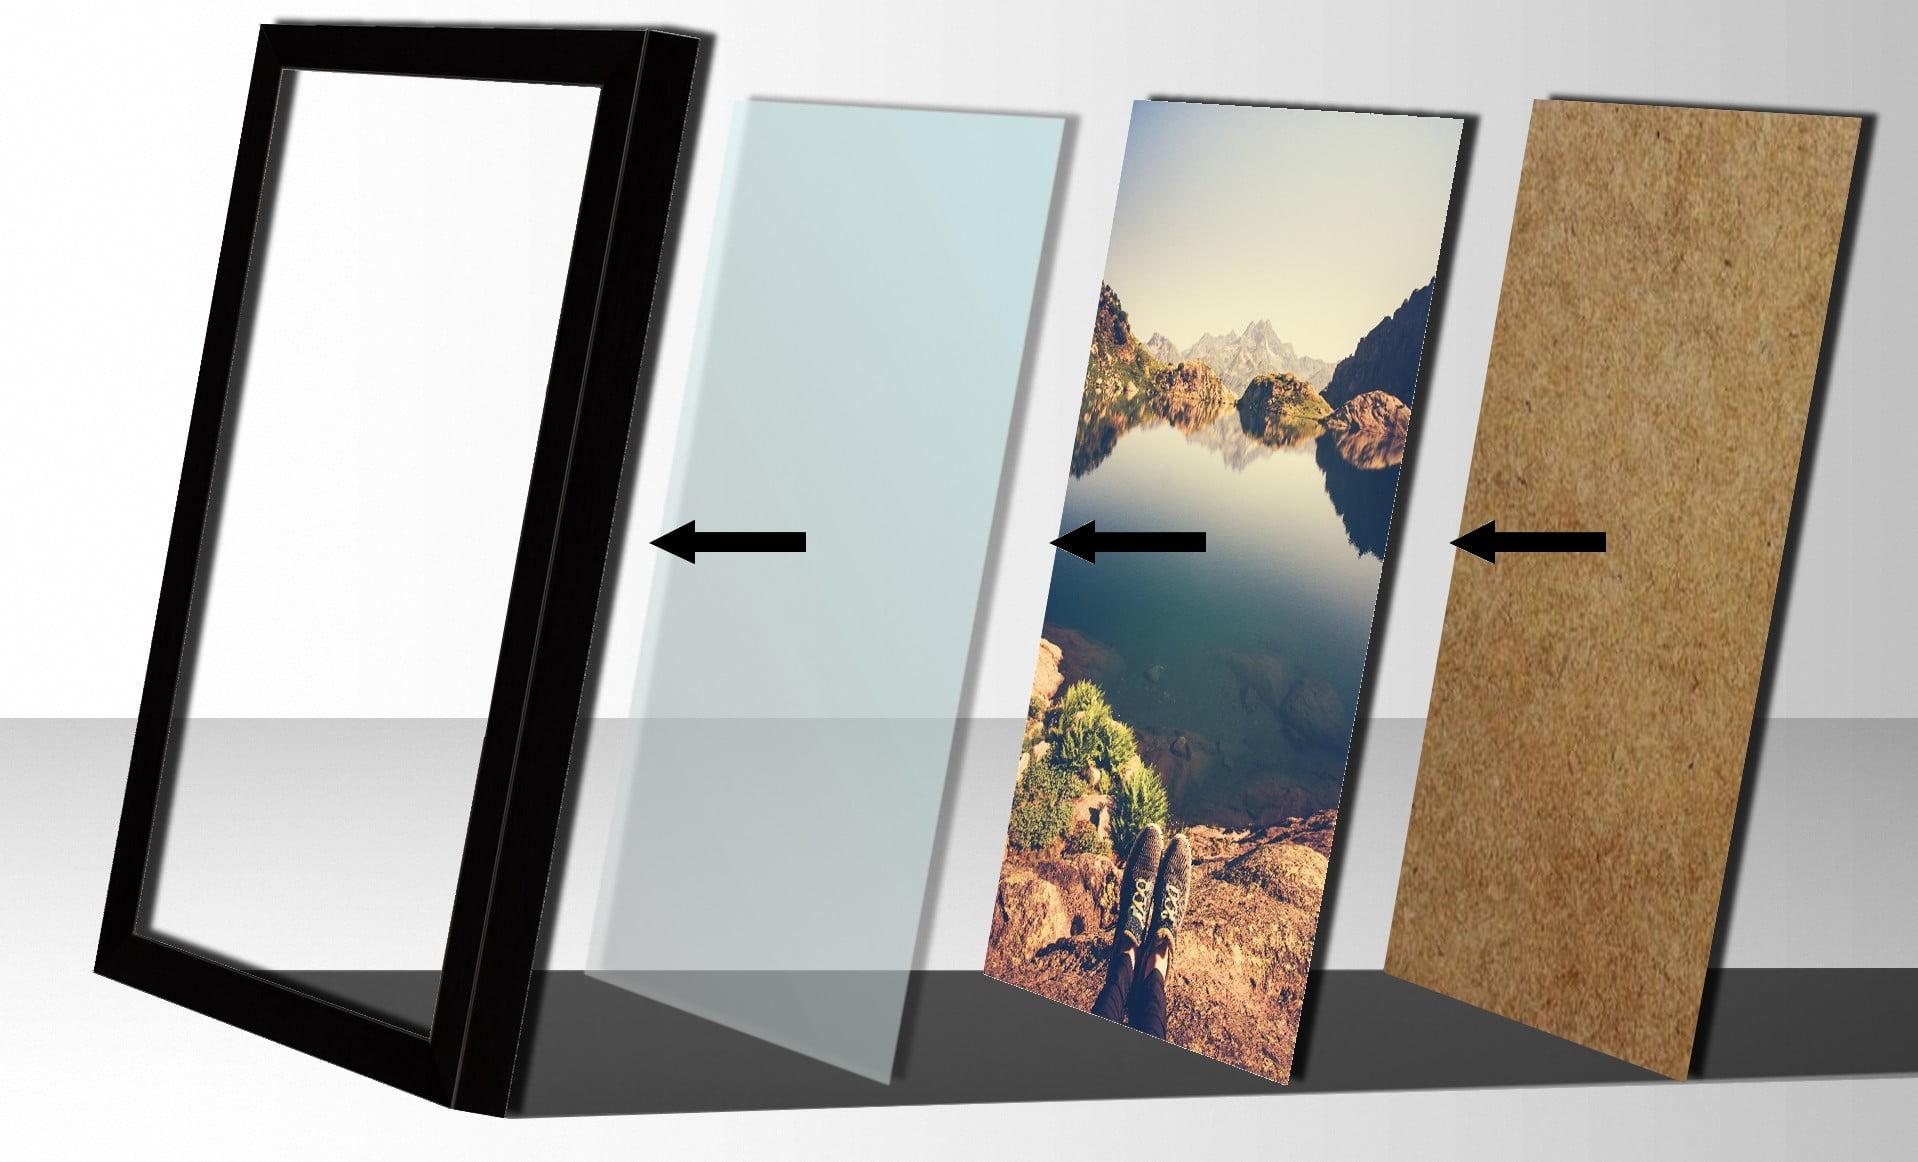 Rahmenaufbau - Wie sind Bilderrahmen eigentlich aufgebaut?